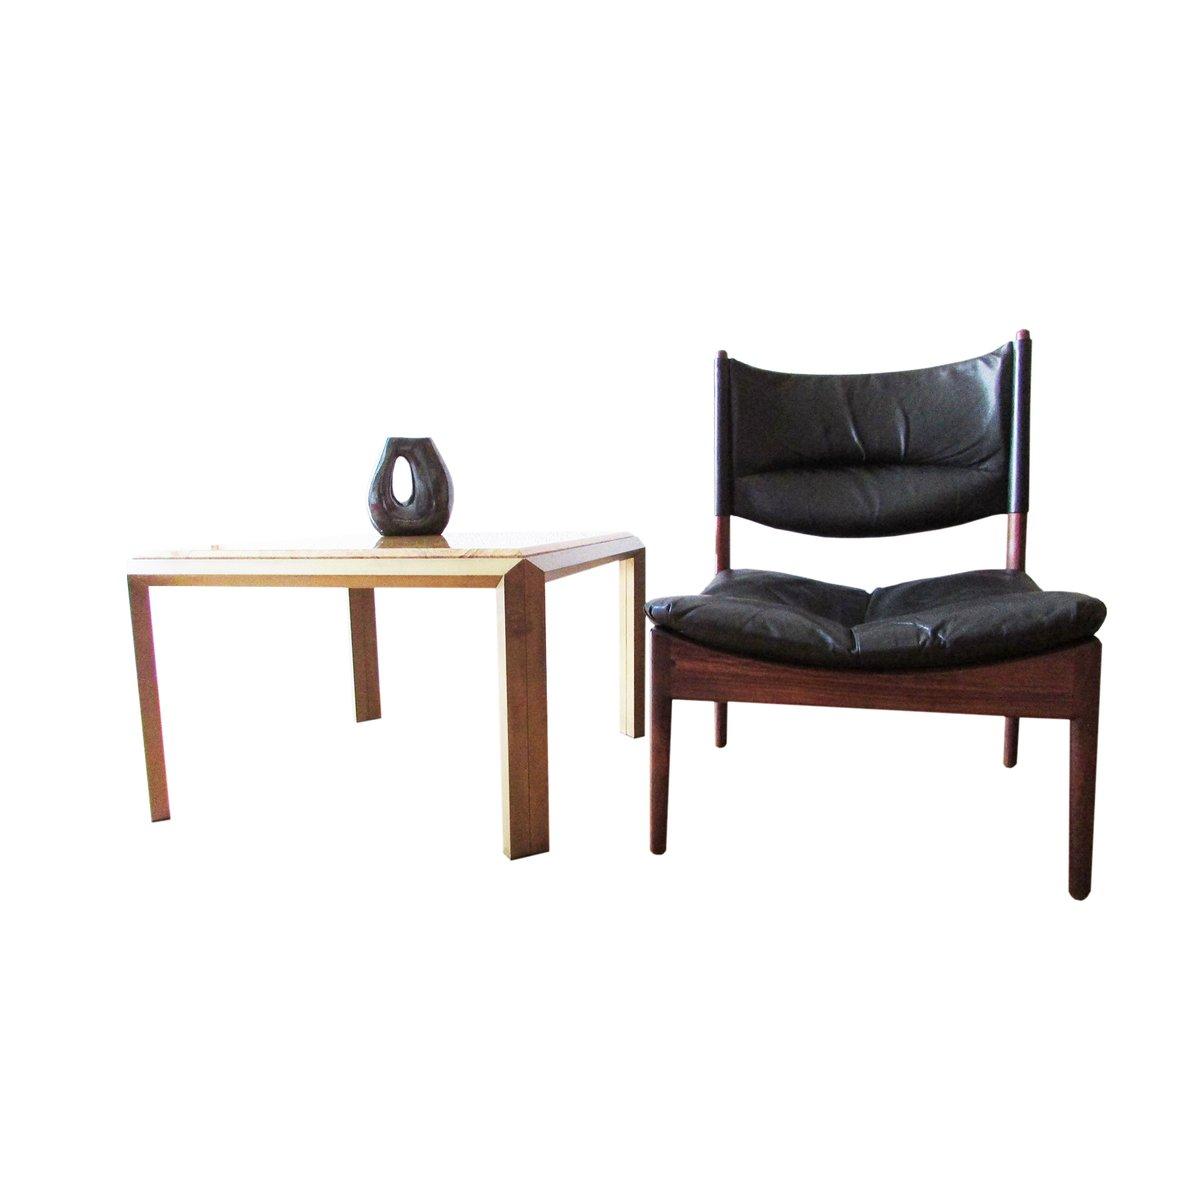 couchtisch mit marmorplatte von jaune royal 1982 bei. Black Bedroom Furniture Sets. Home Design Ideas